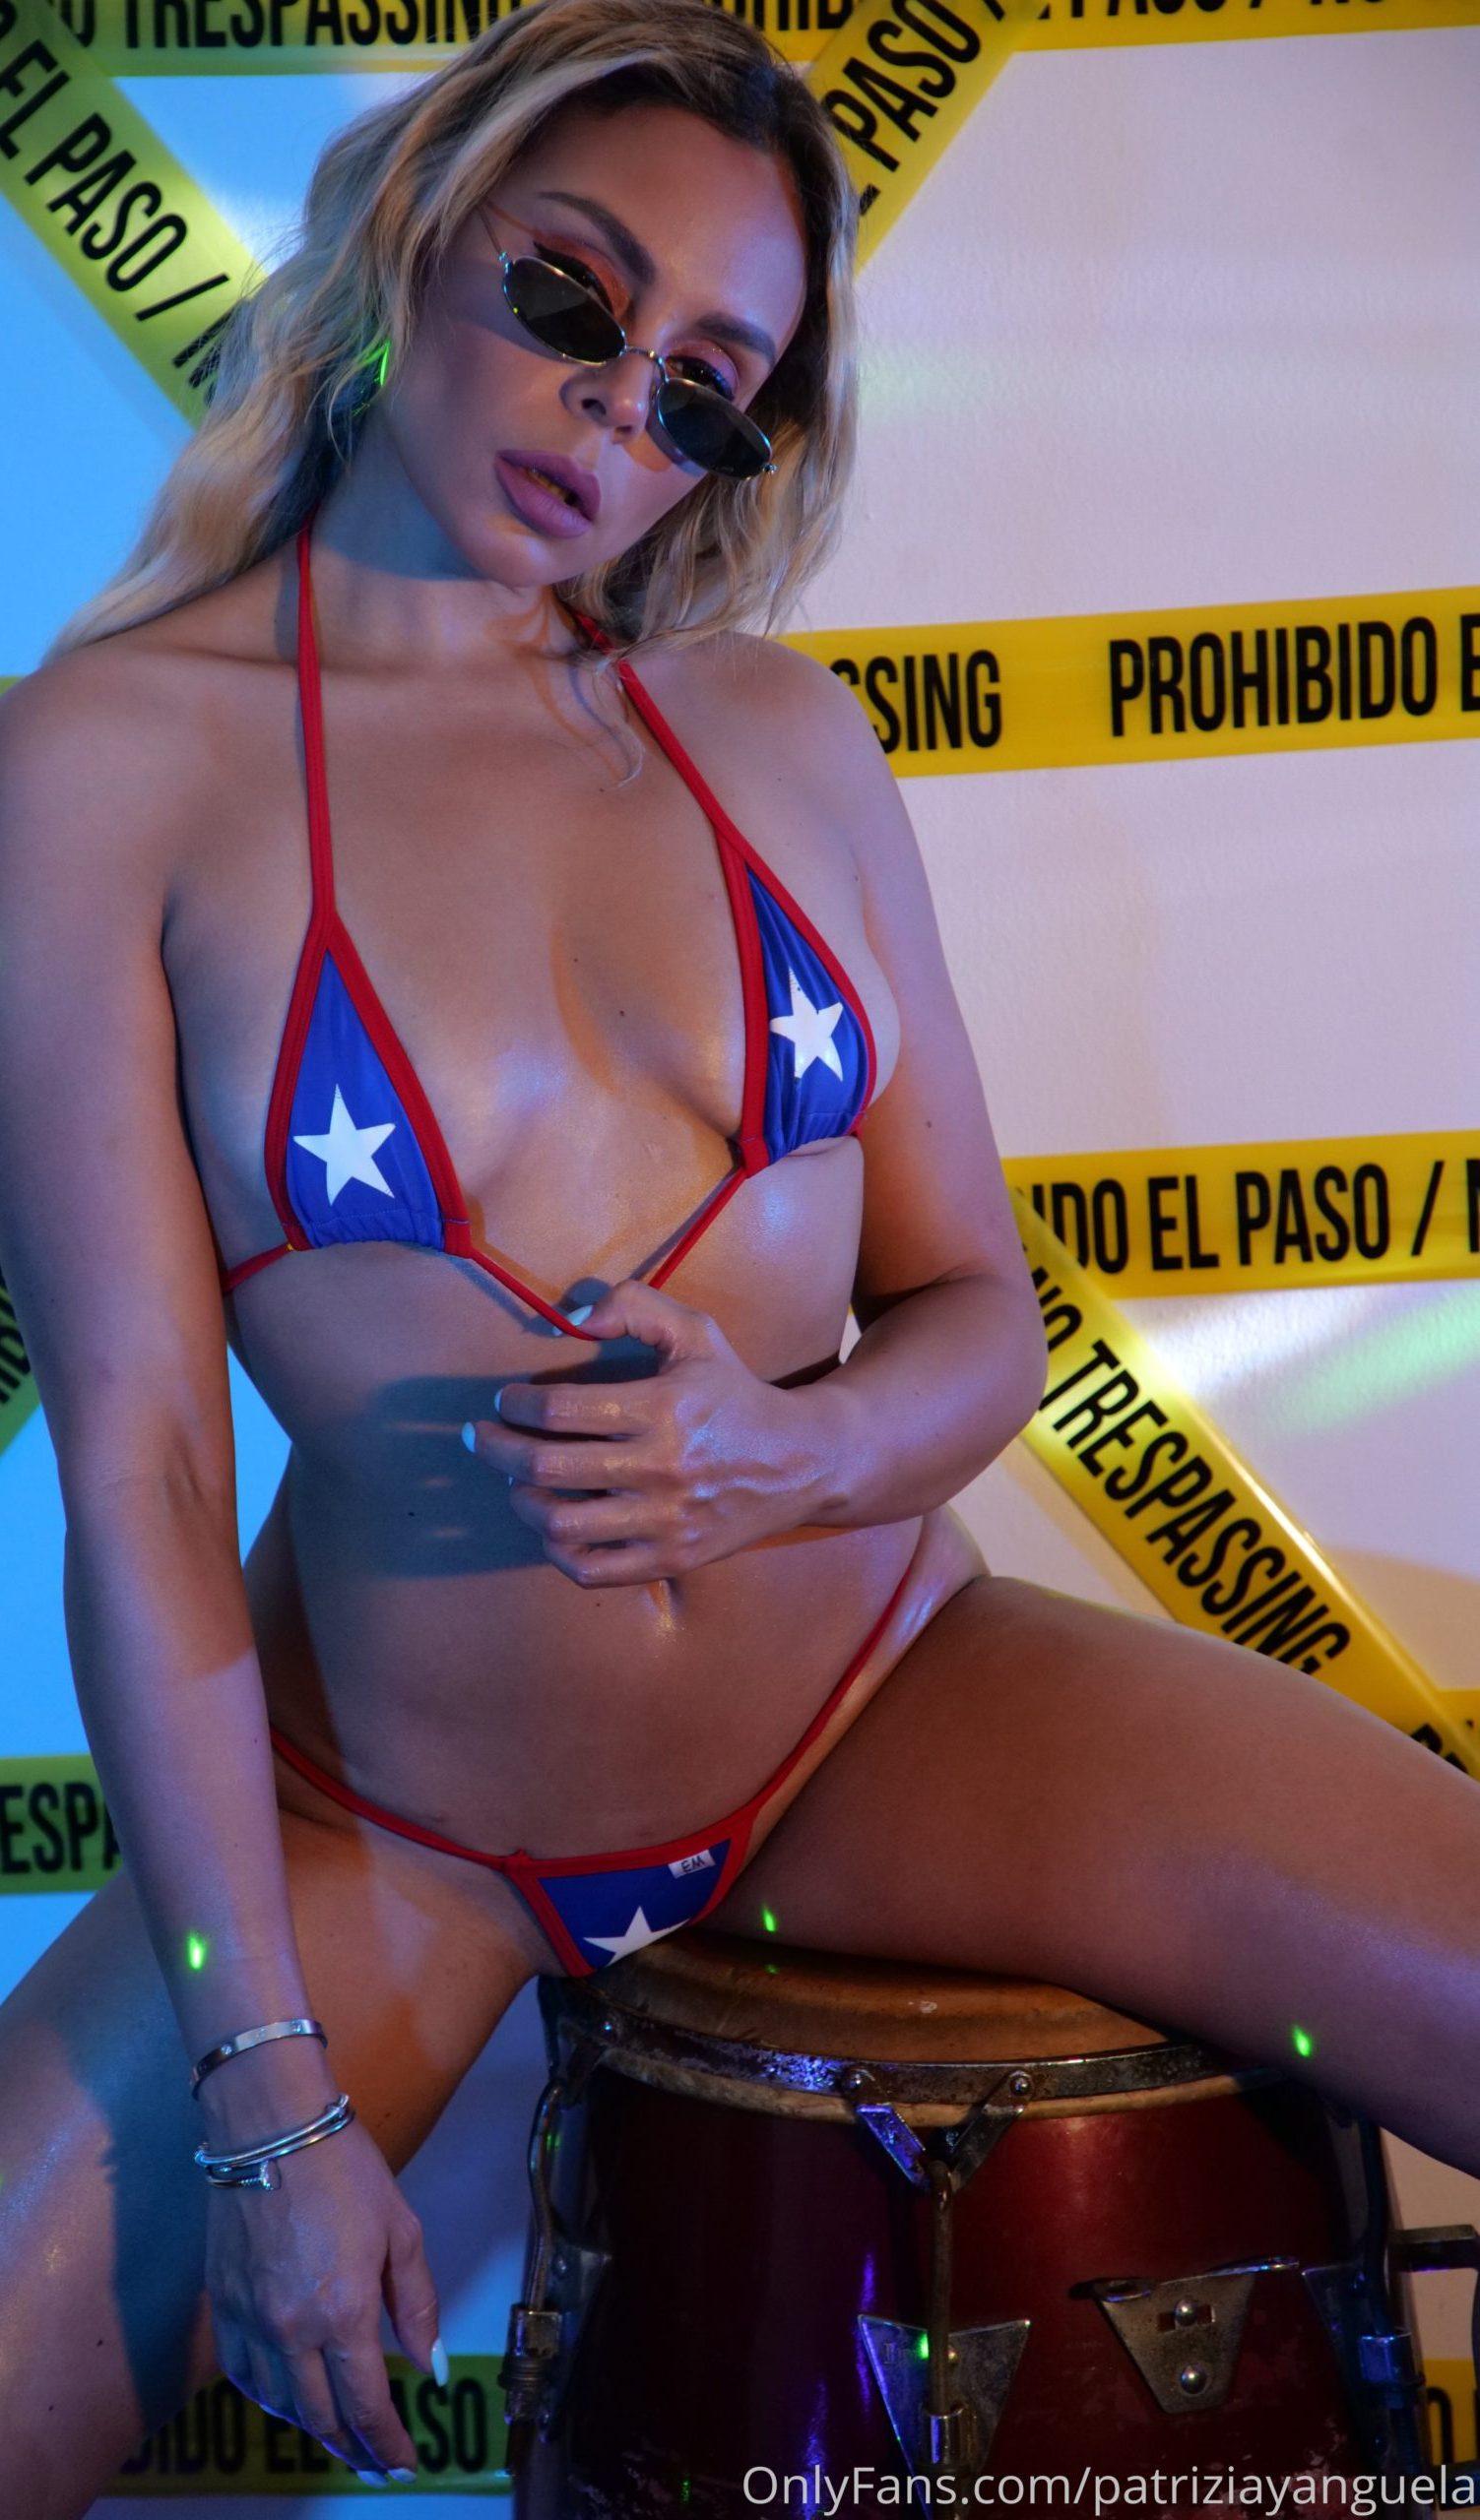 Patrizia Yanguela Patriziayanguela Onlyfans Nudes Leaks 0014